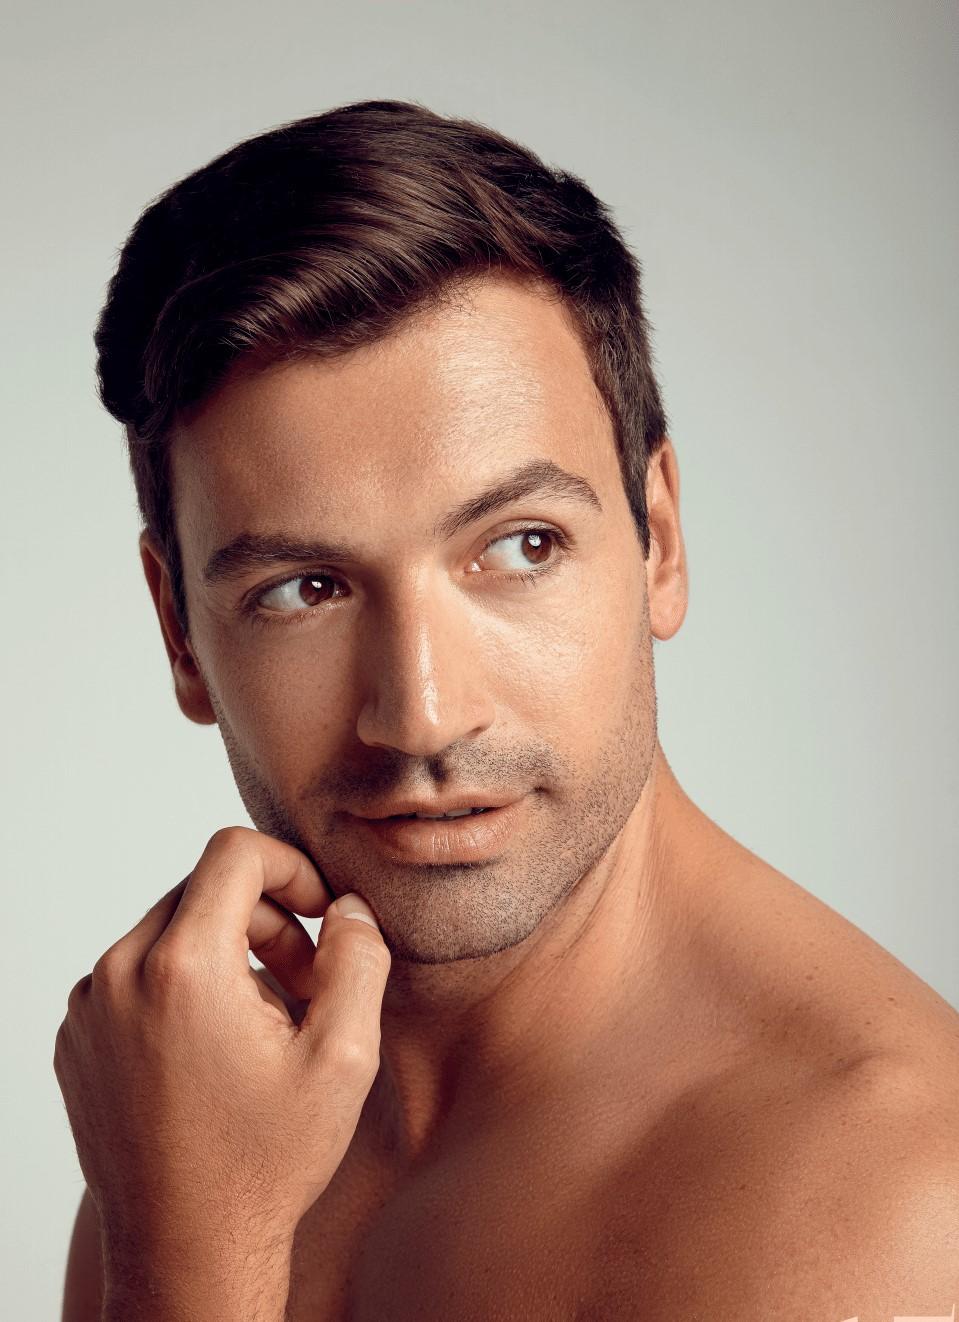 Man CACI Non-Surgical Face lift